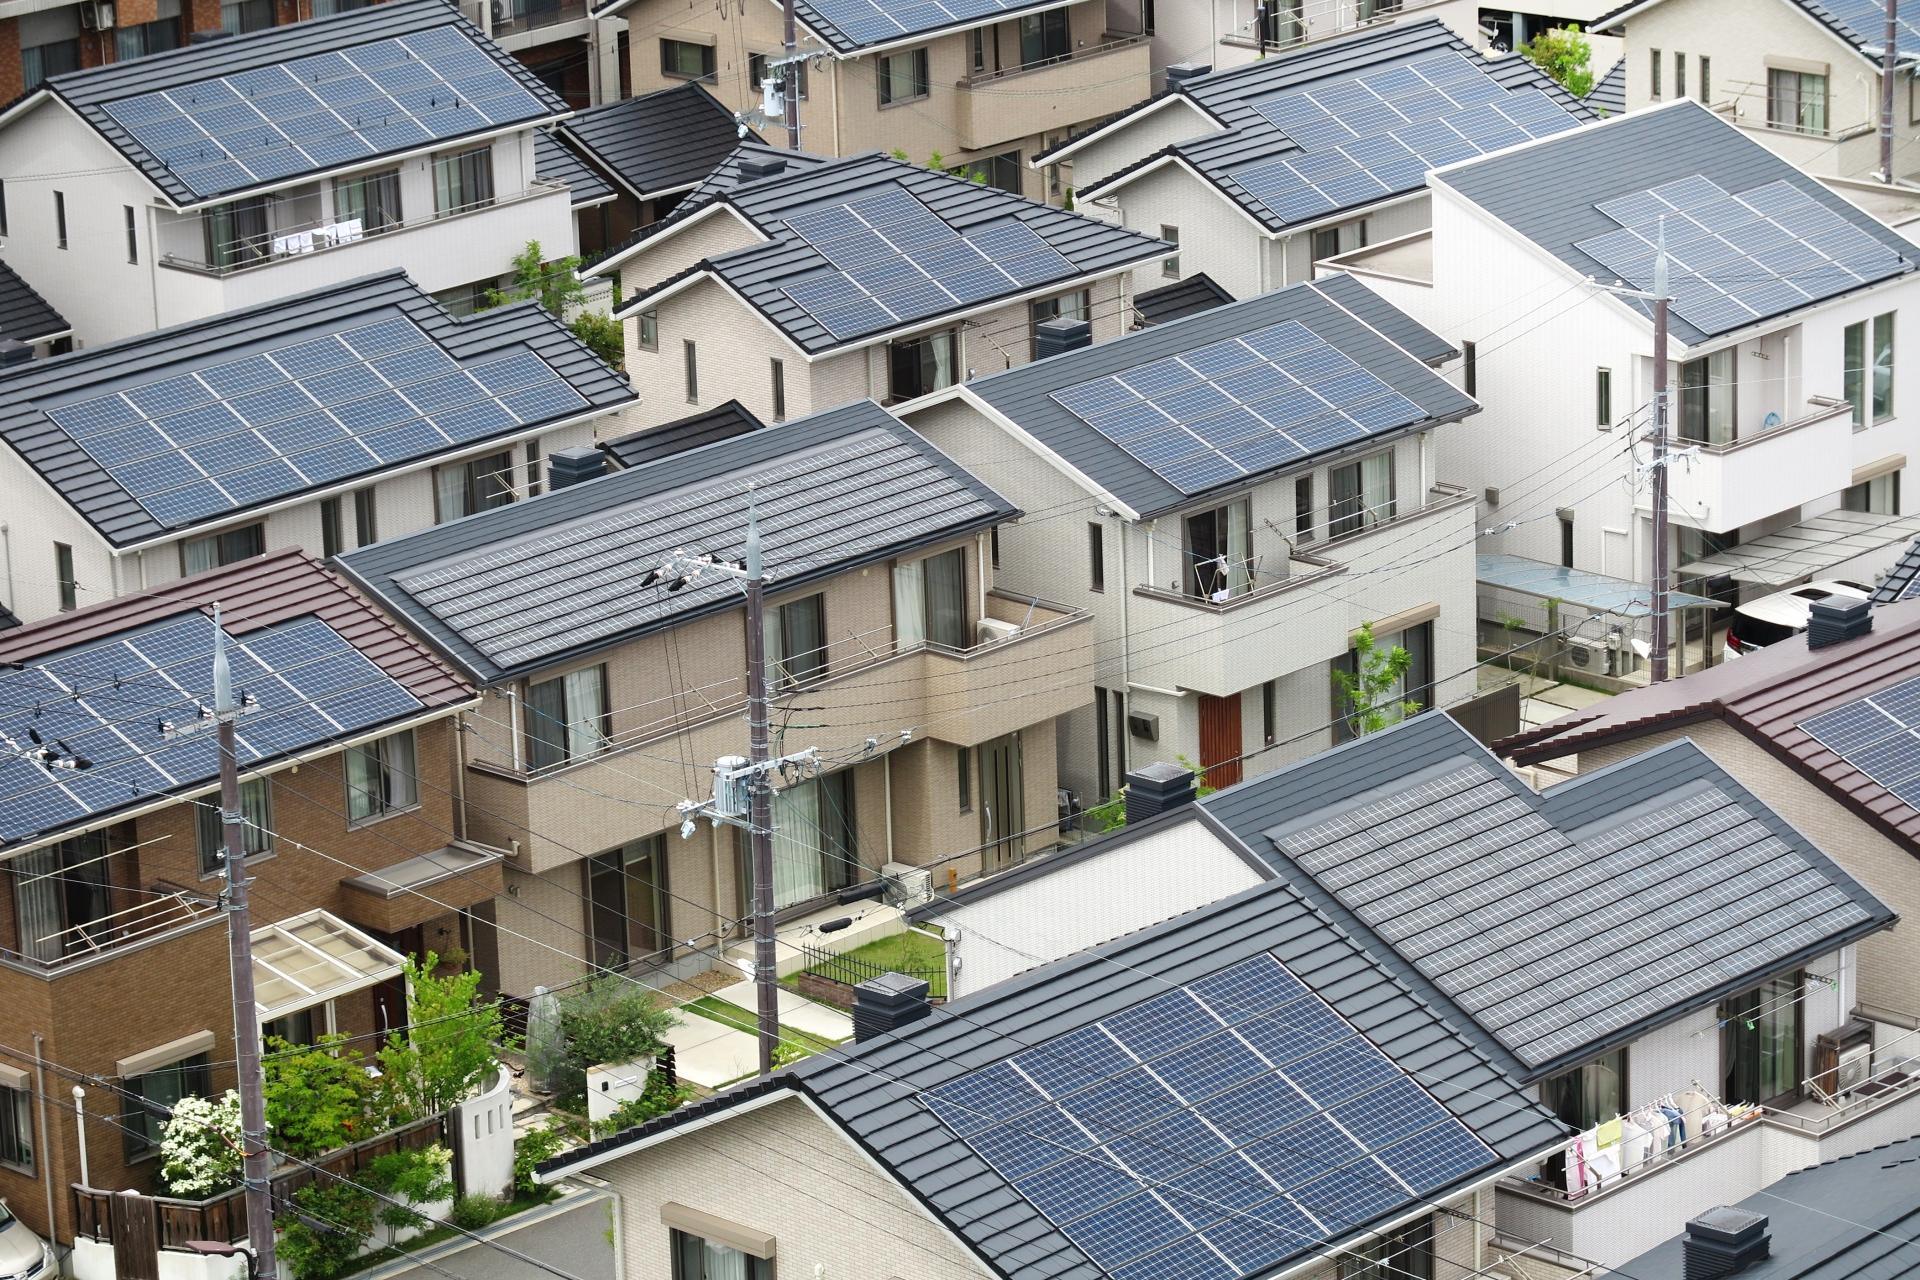 太陽光パネルを設置している屋根の塗り替えはどうなるの?